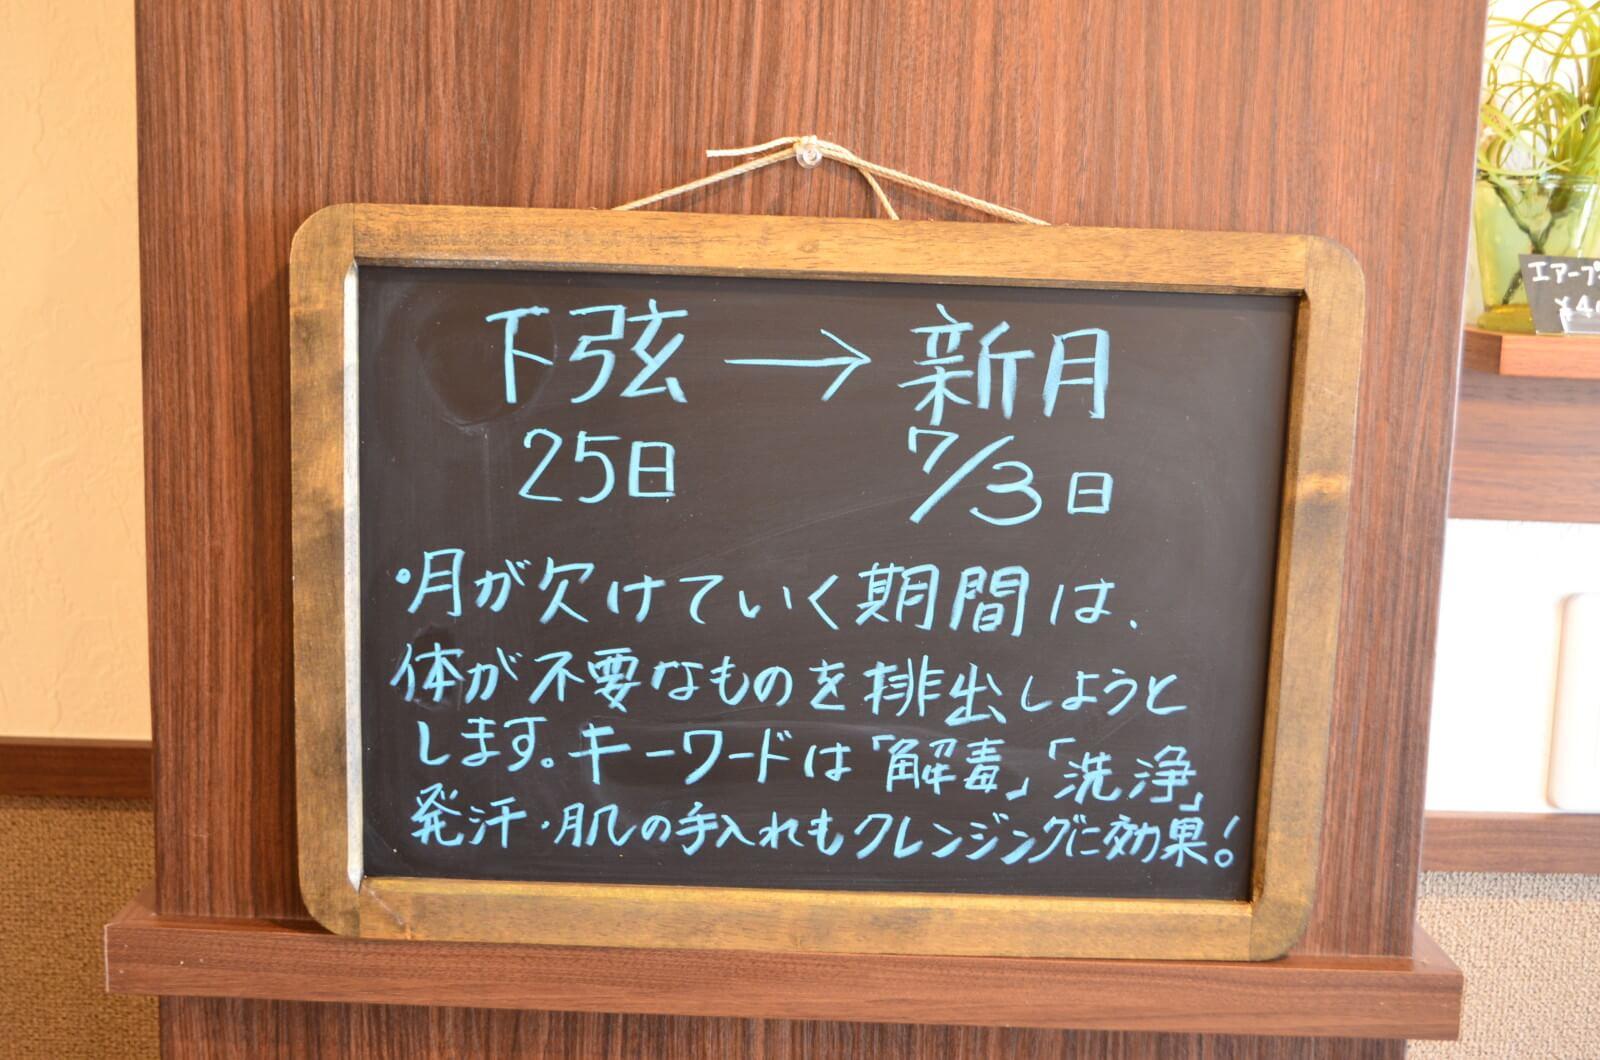 TSUKI CAFE 月